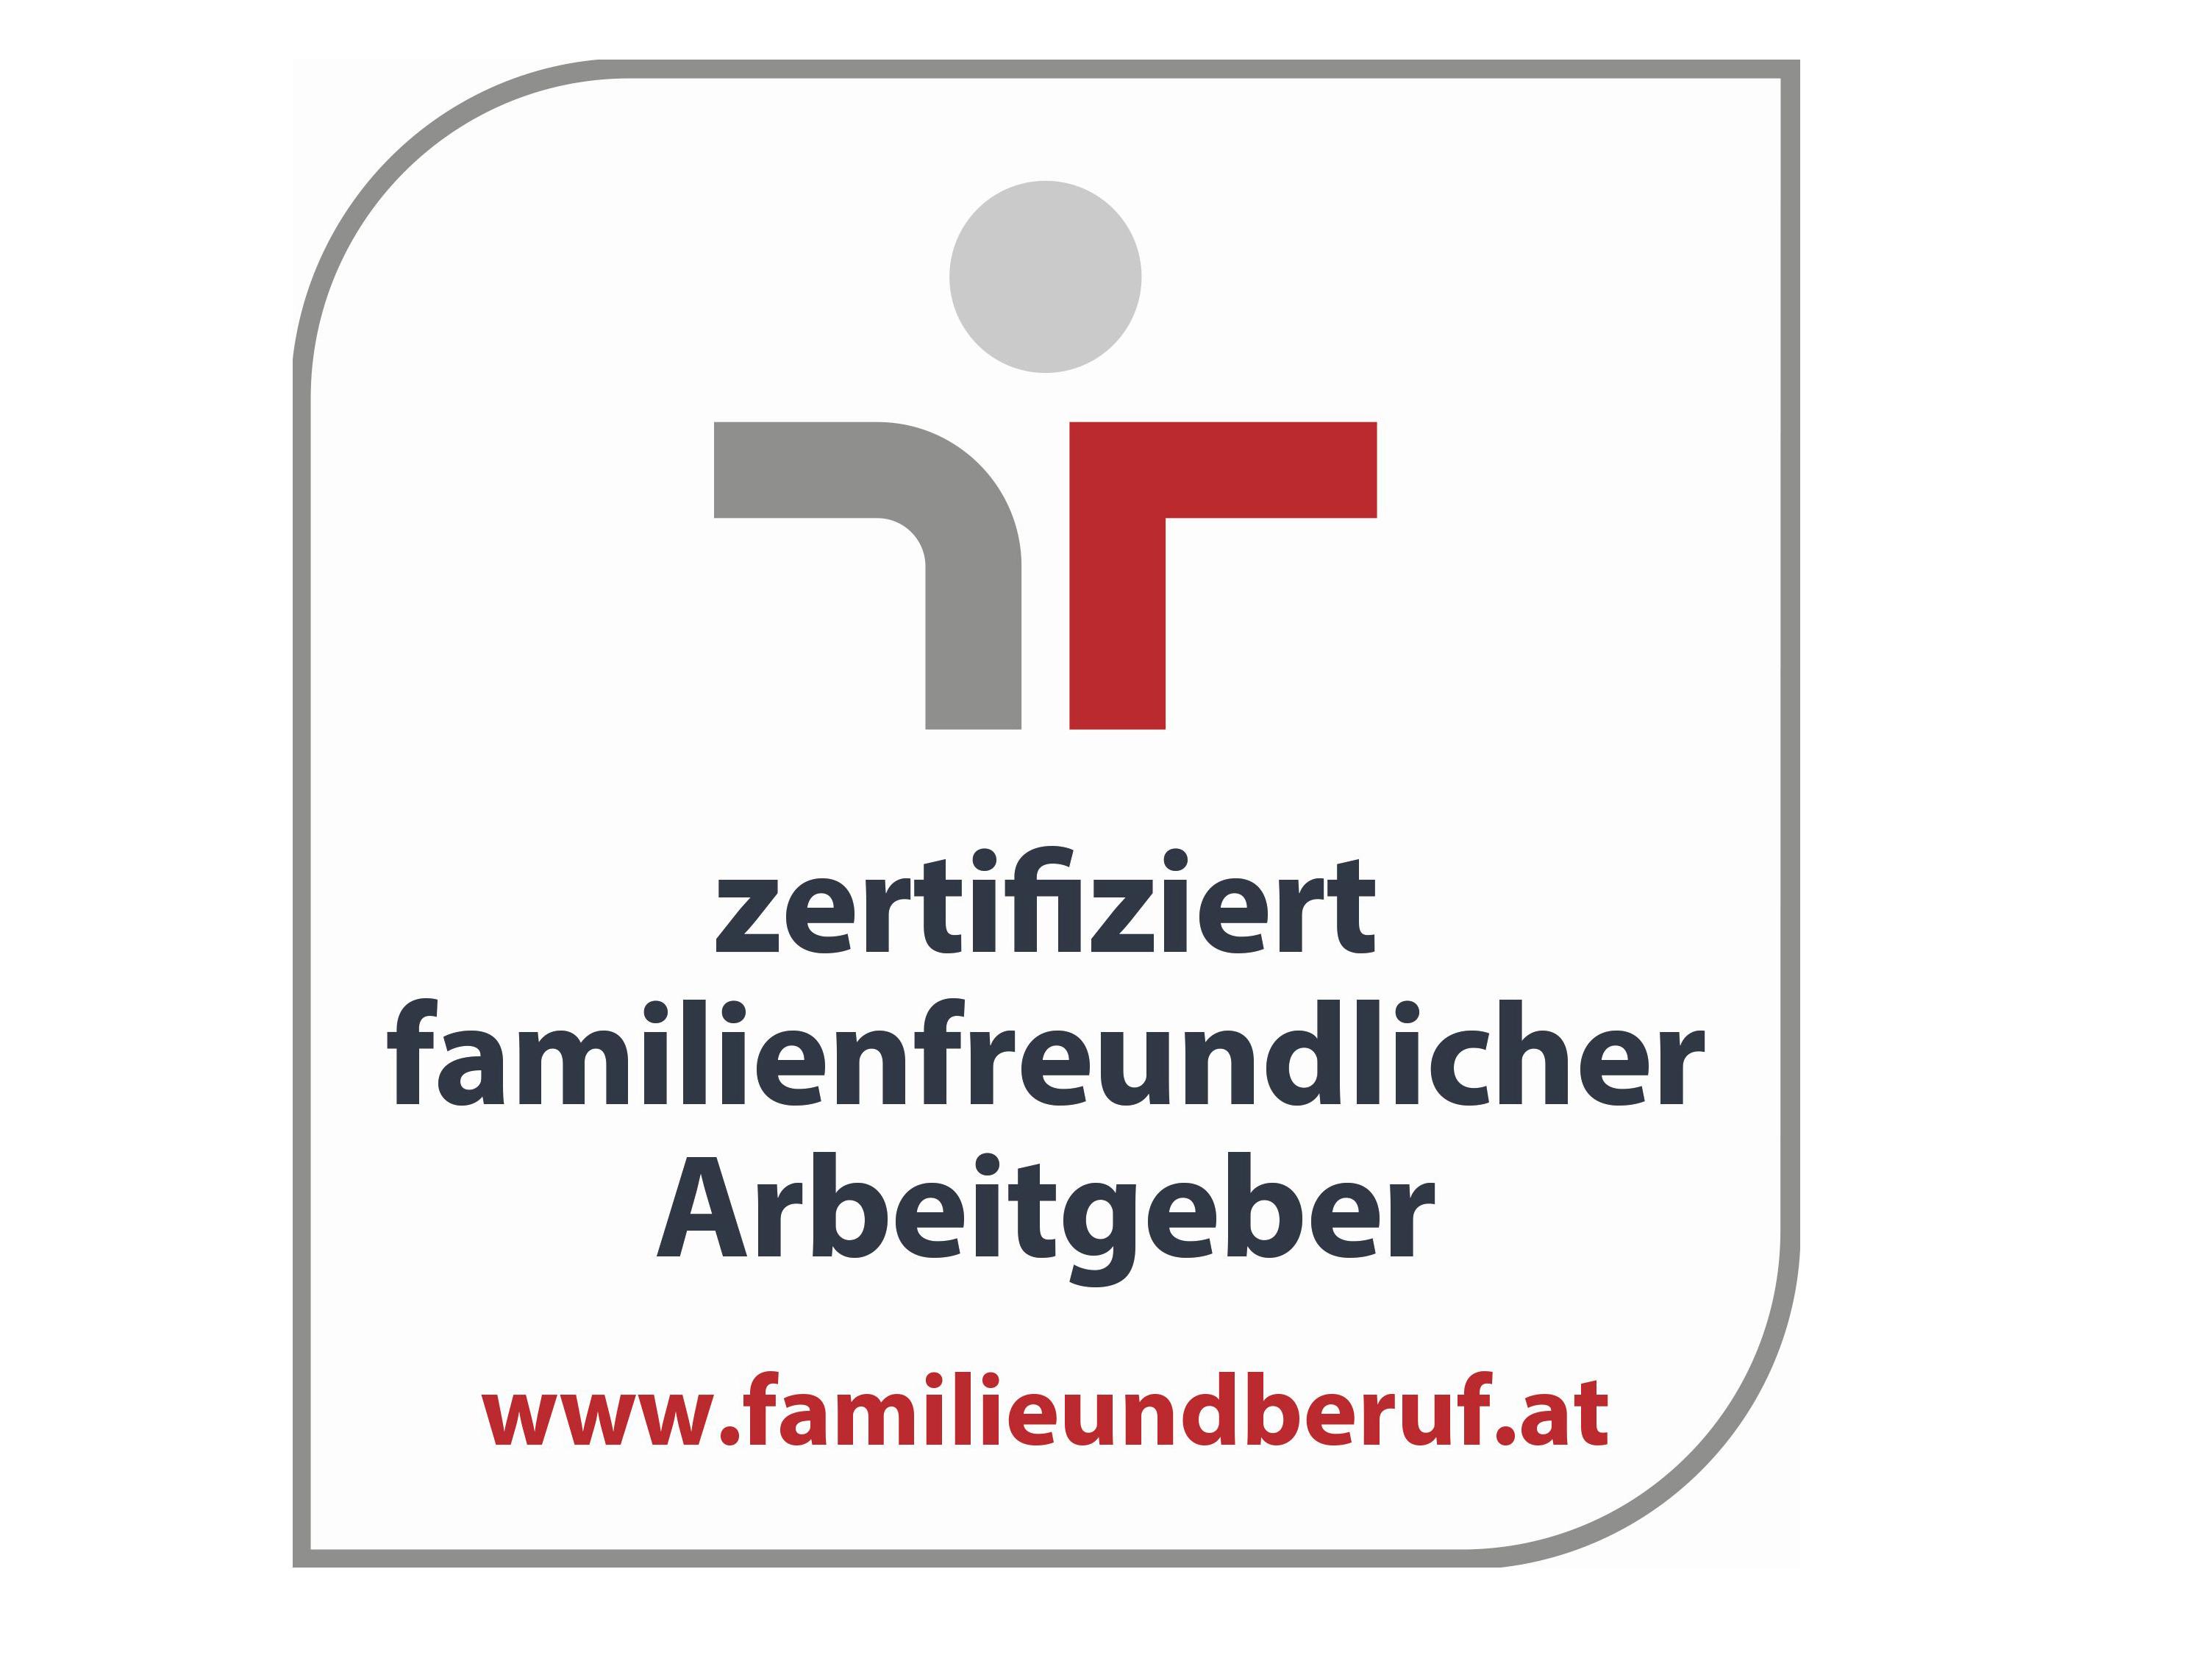 familienfreundlicher Arbeitgeber Siegel